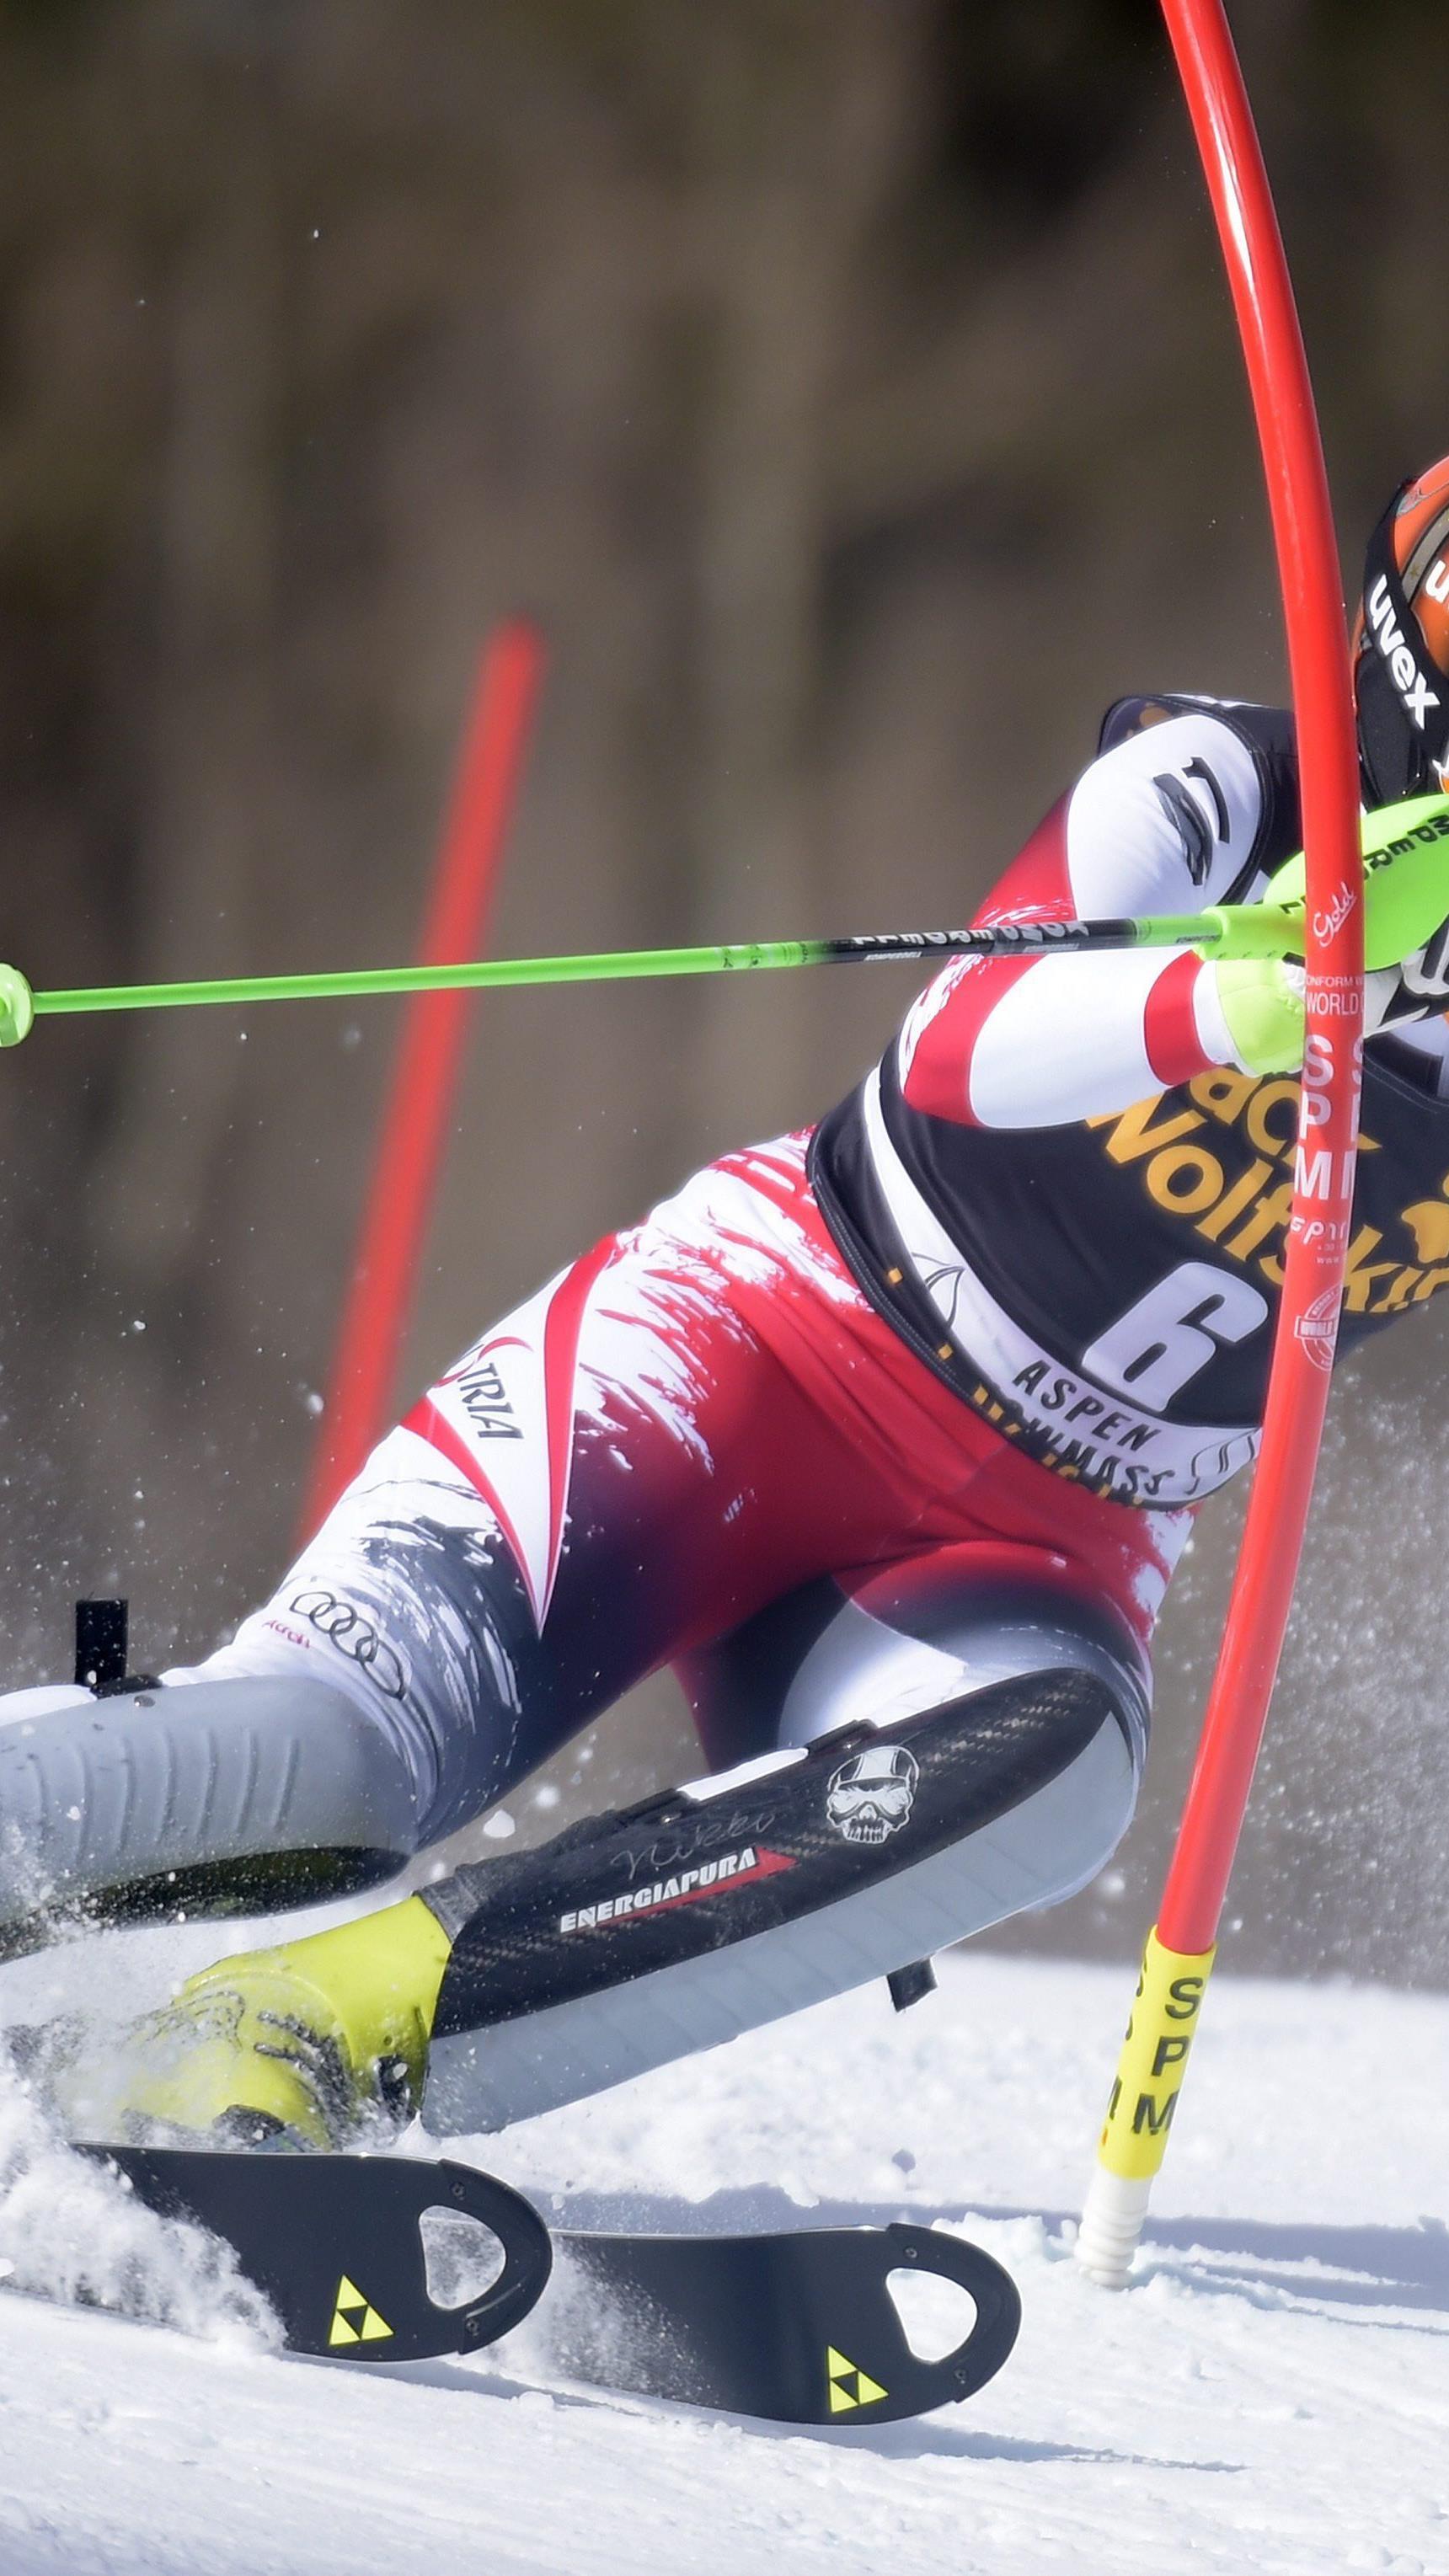 Nicole Hosp geht mit einem Sieg in Aspen in Norwegen an den Start.